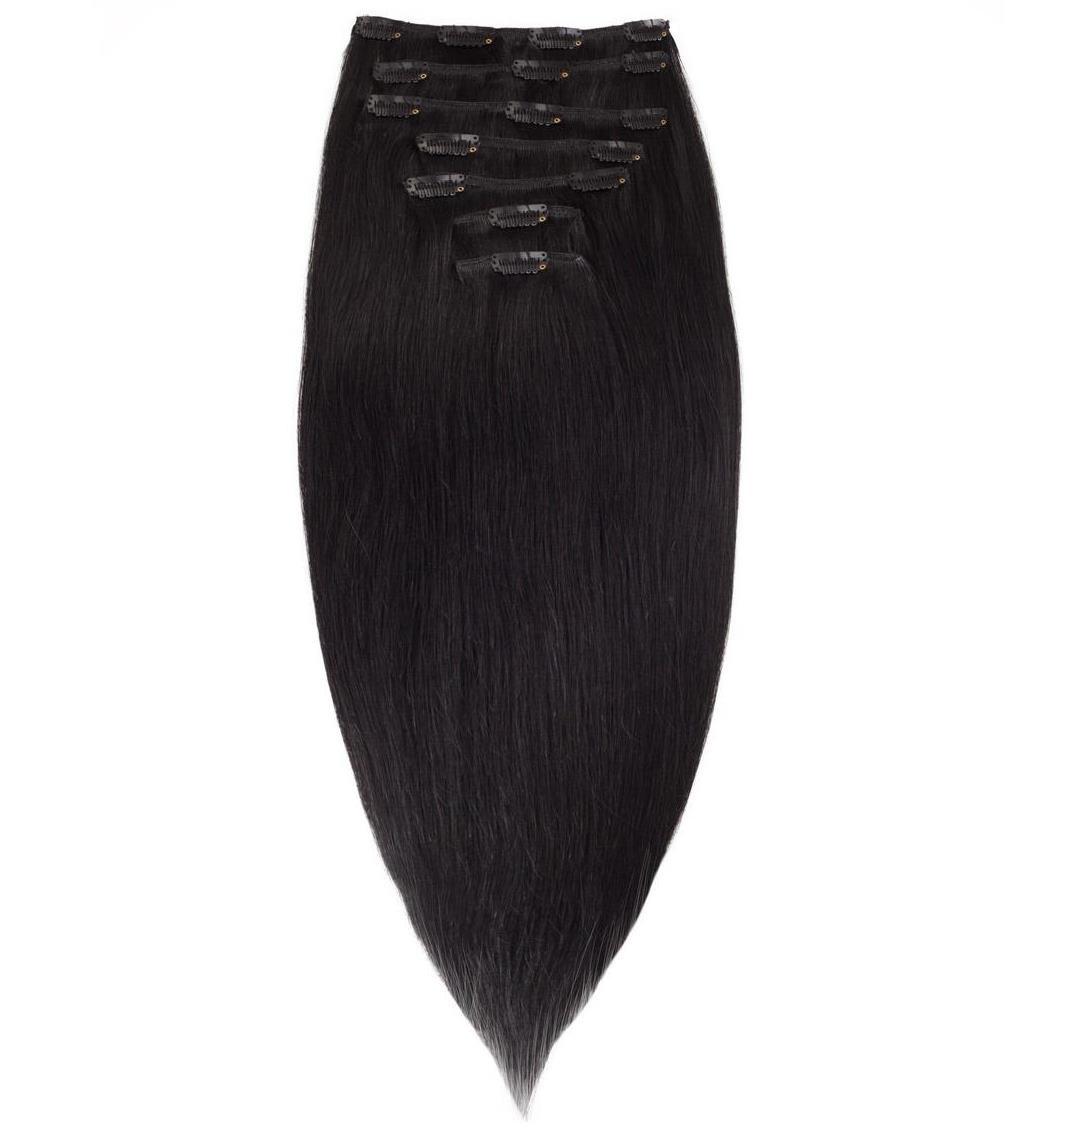 Волосы на заколках 60 см. Цвет #01 Черный, фото 1